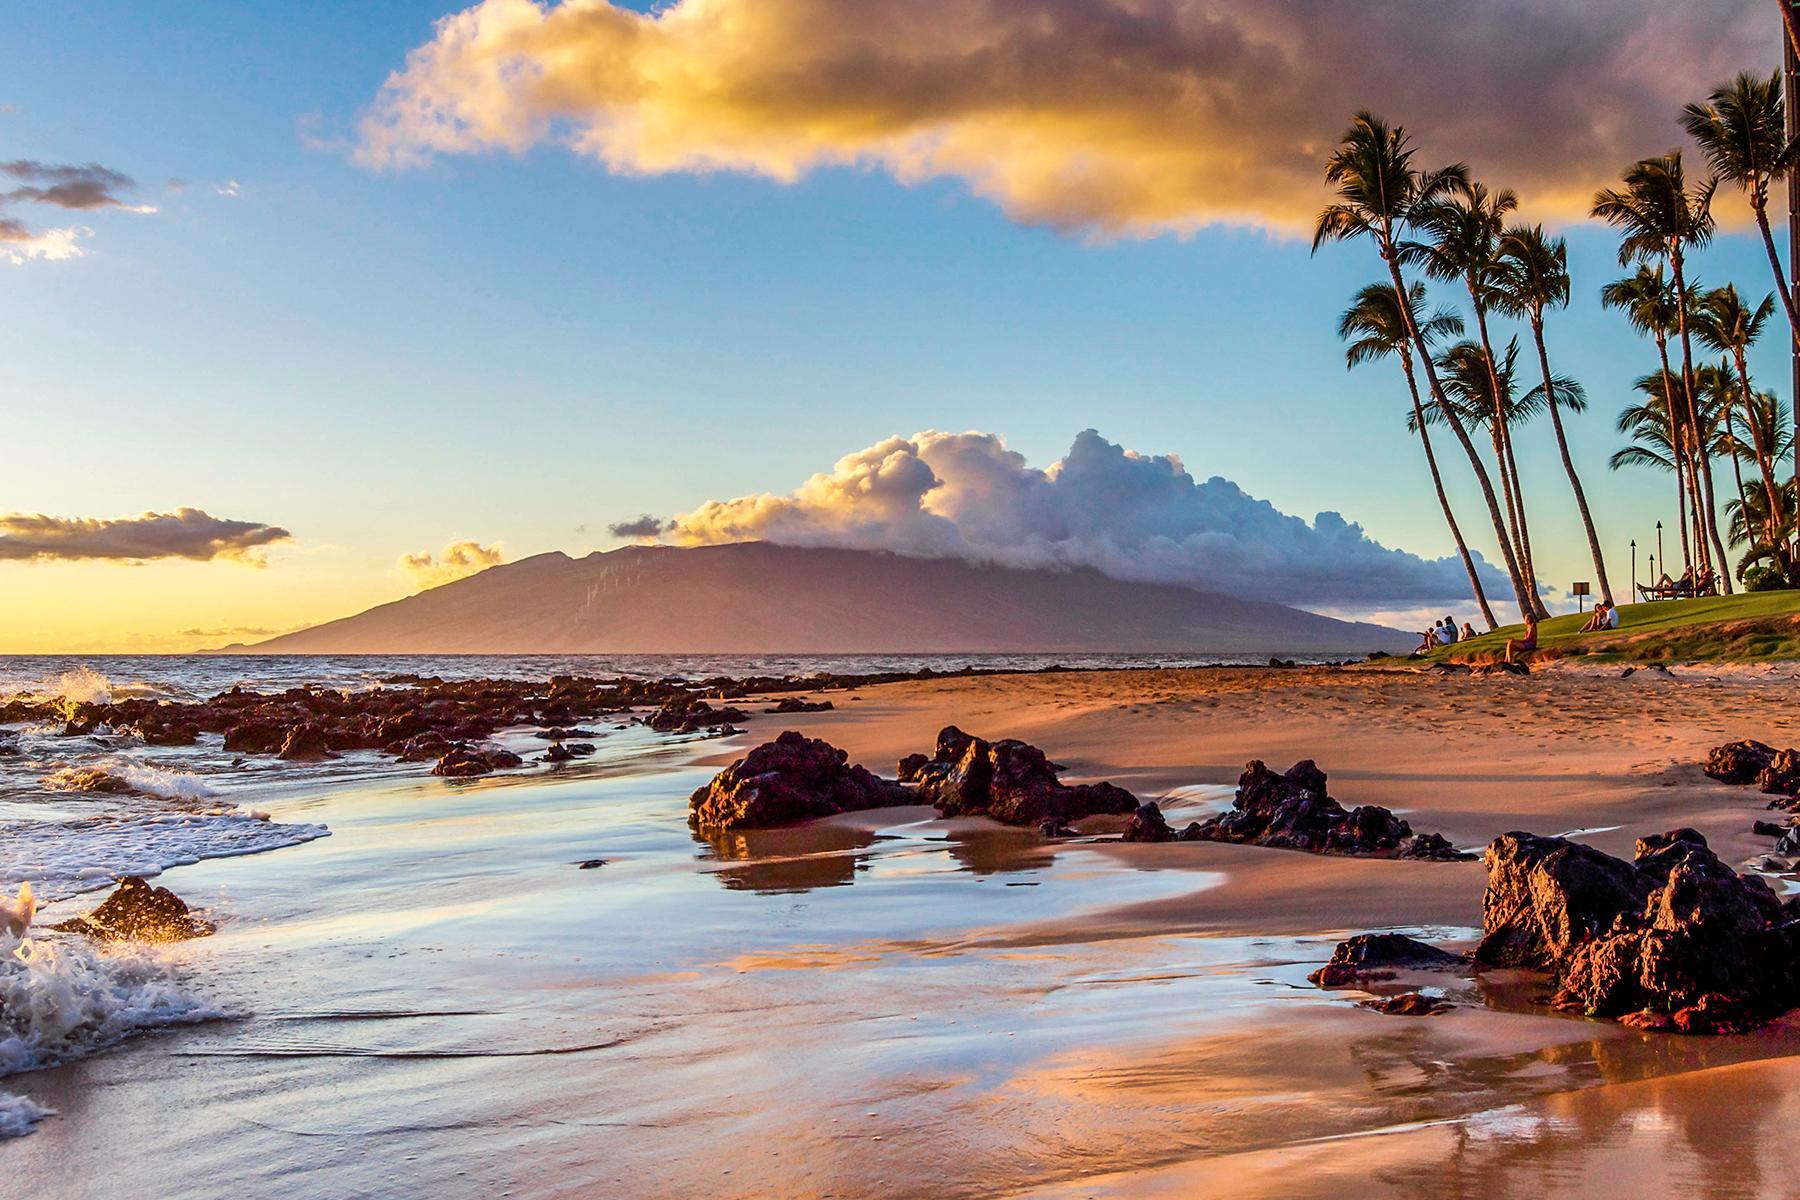 02_ZikaFreeBabymoons__MauiHawaii_iStock-967082682